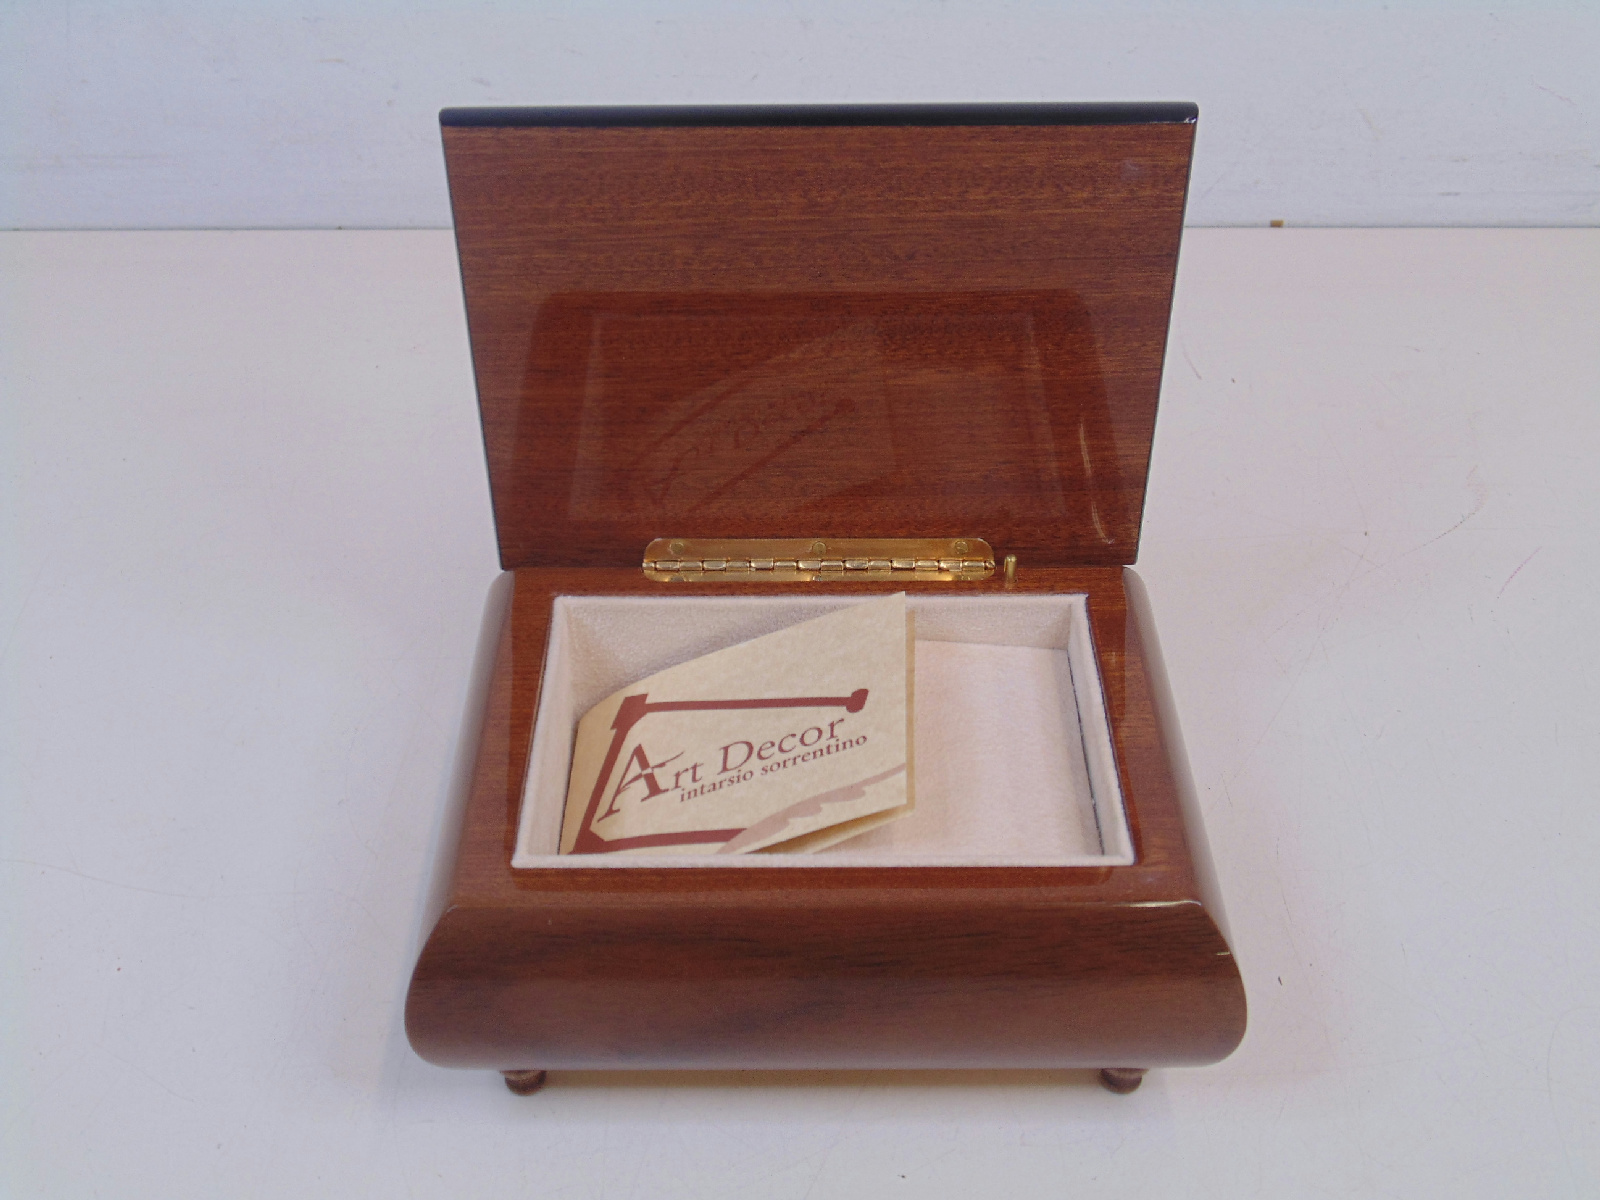 d 233 cor intarsio sorrentino ercolano muical jewelry box